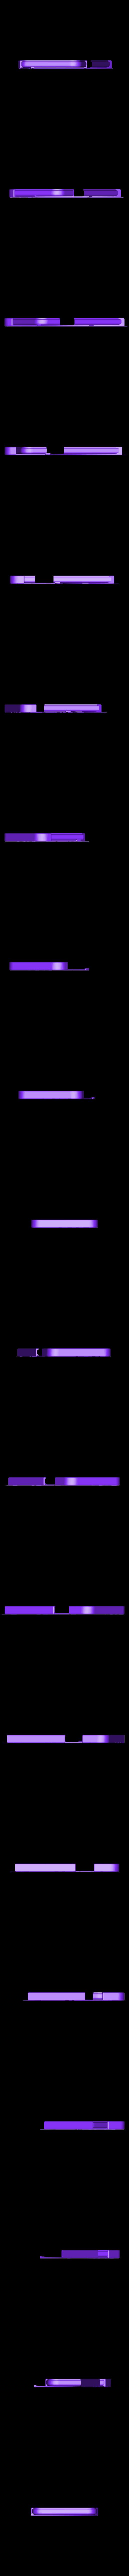 Iphone_6_Halo_case_Top.STL Télécharger fichier STL gratuit Étui pour Iphone 6 (Thème Halo) • Plan à imprimer en 3D, aevafortinhi